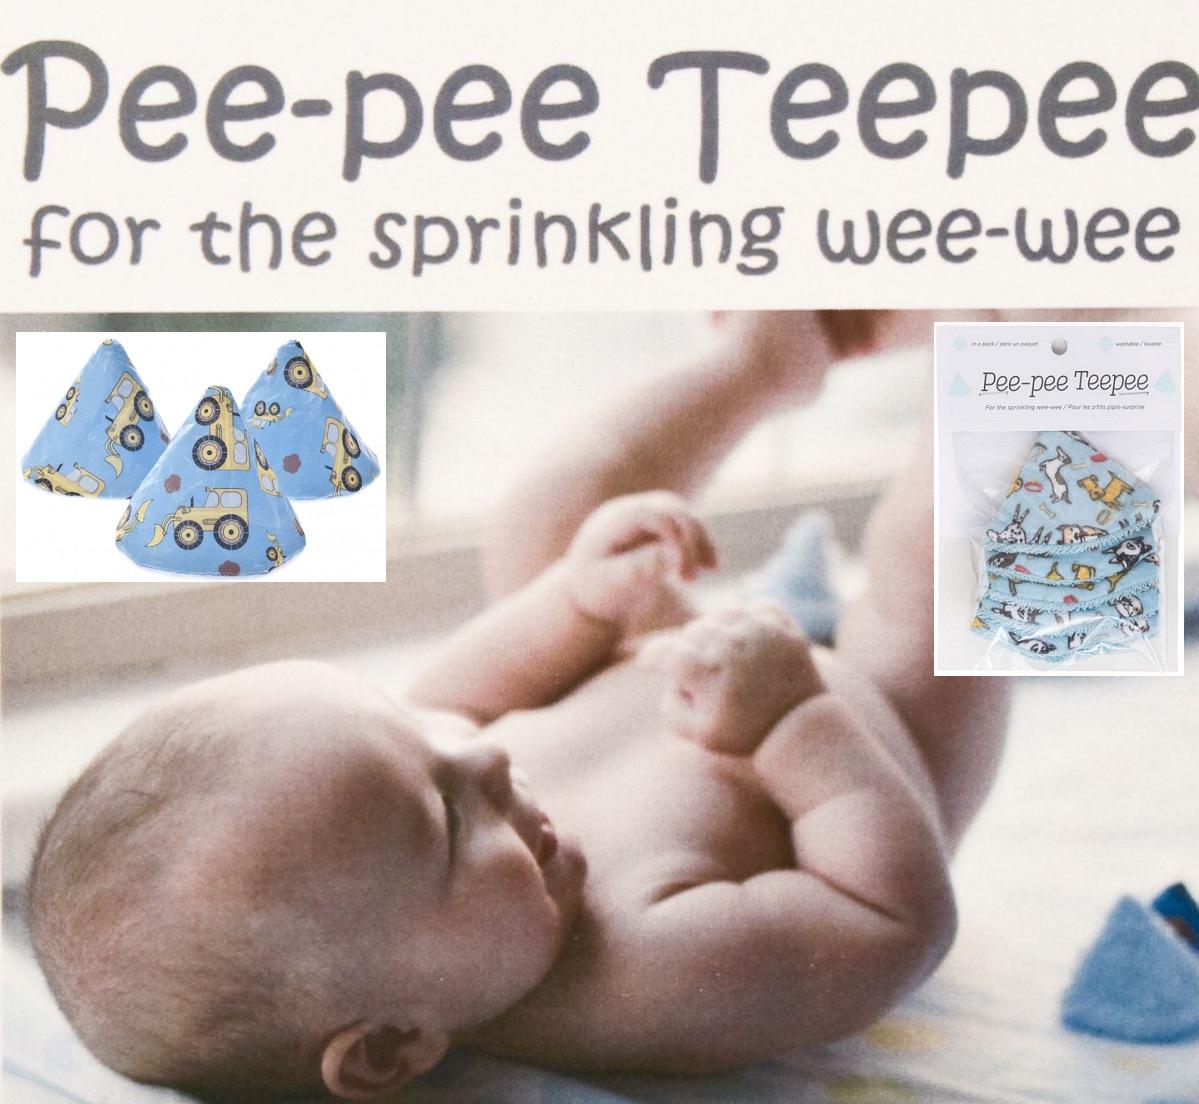 pee-pee-teepee-poem-3.jpg